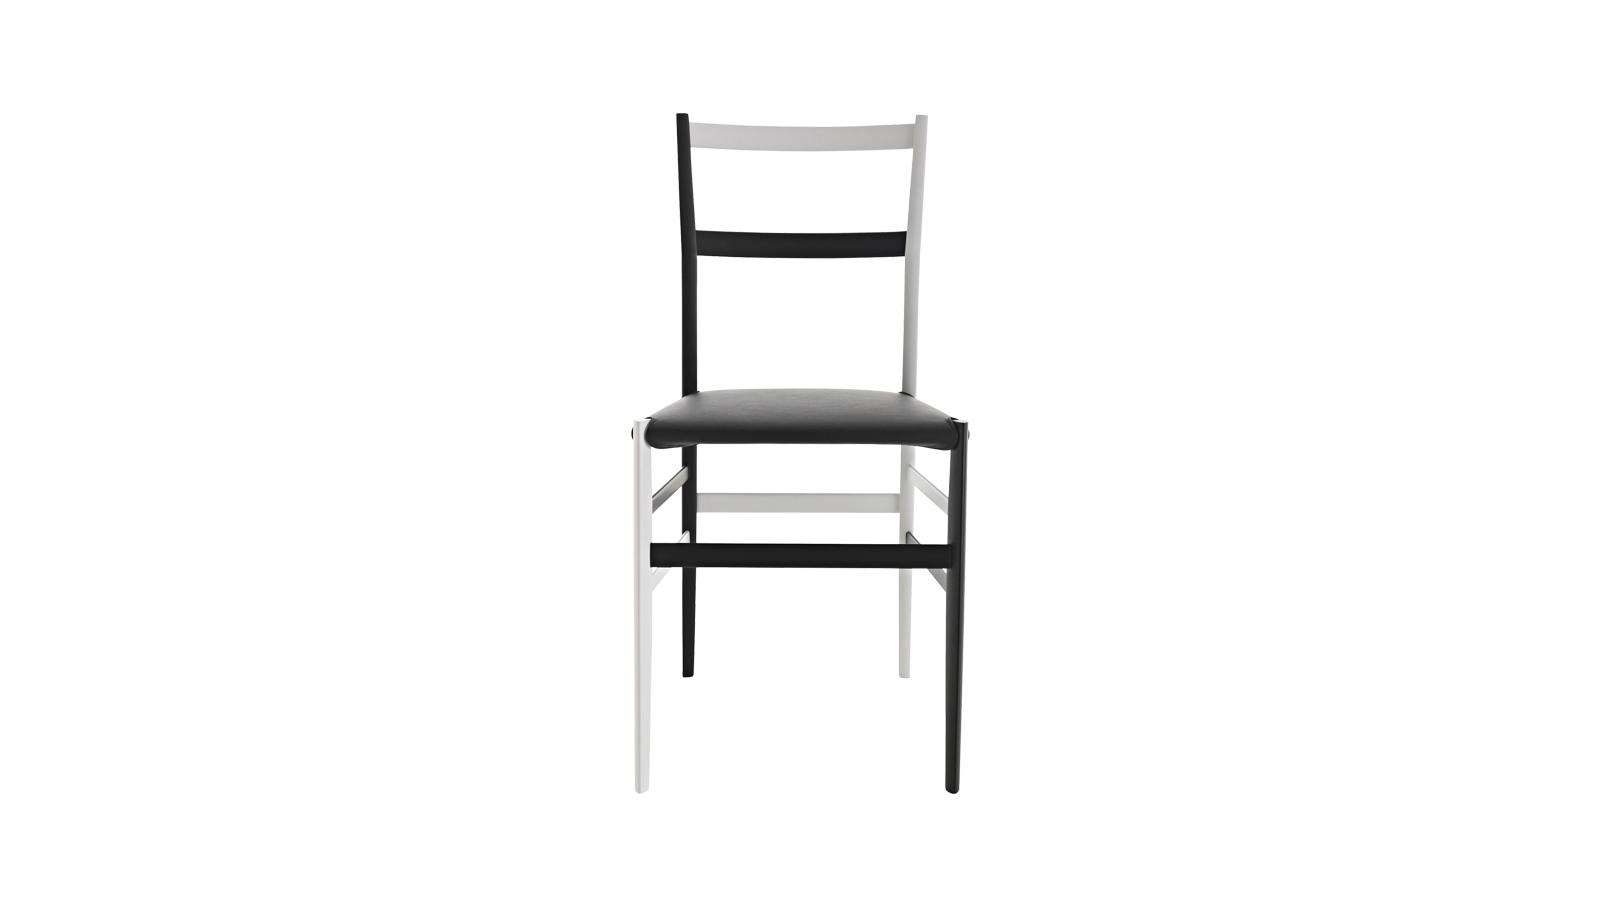 A Superleggera a tervezői kreativitás és a mérnöki megmunkálás között helyezkedik el. Ennek ellenére mindkettőben kimagasló: a művészi, légies megjelenést a gépi és kézműves technika együttműködésének hála strapabíróság szövi át. A mindössze 1700 grammot nyomó szék olyan kuriózum, melyhez százévente csak egy, ha hasonlítható.